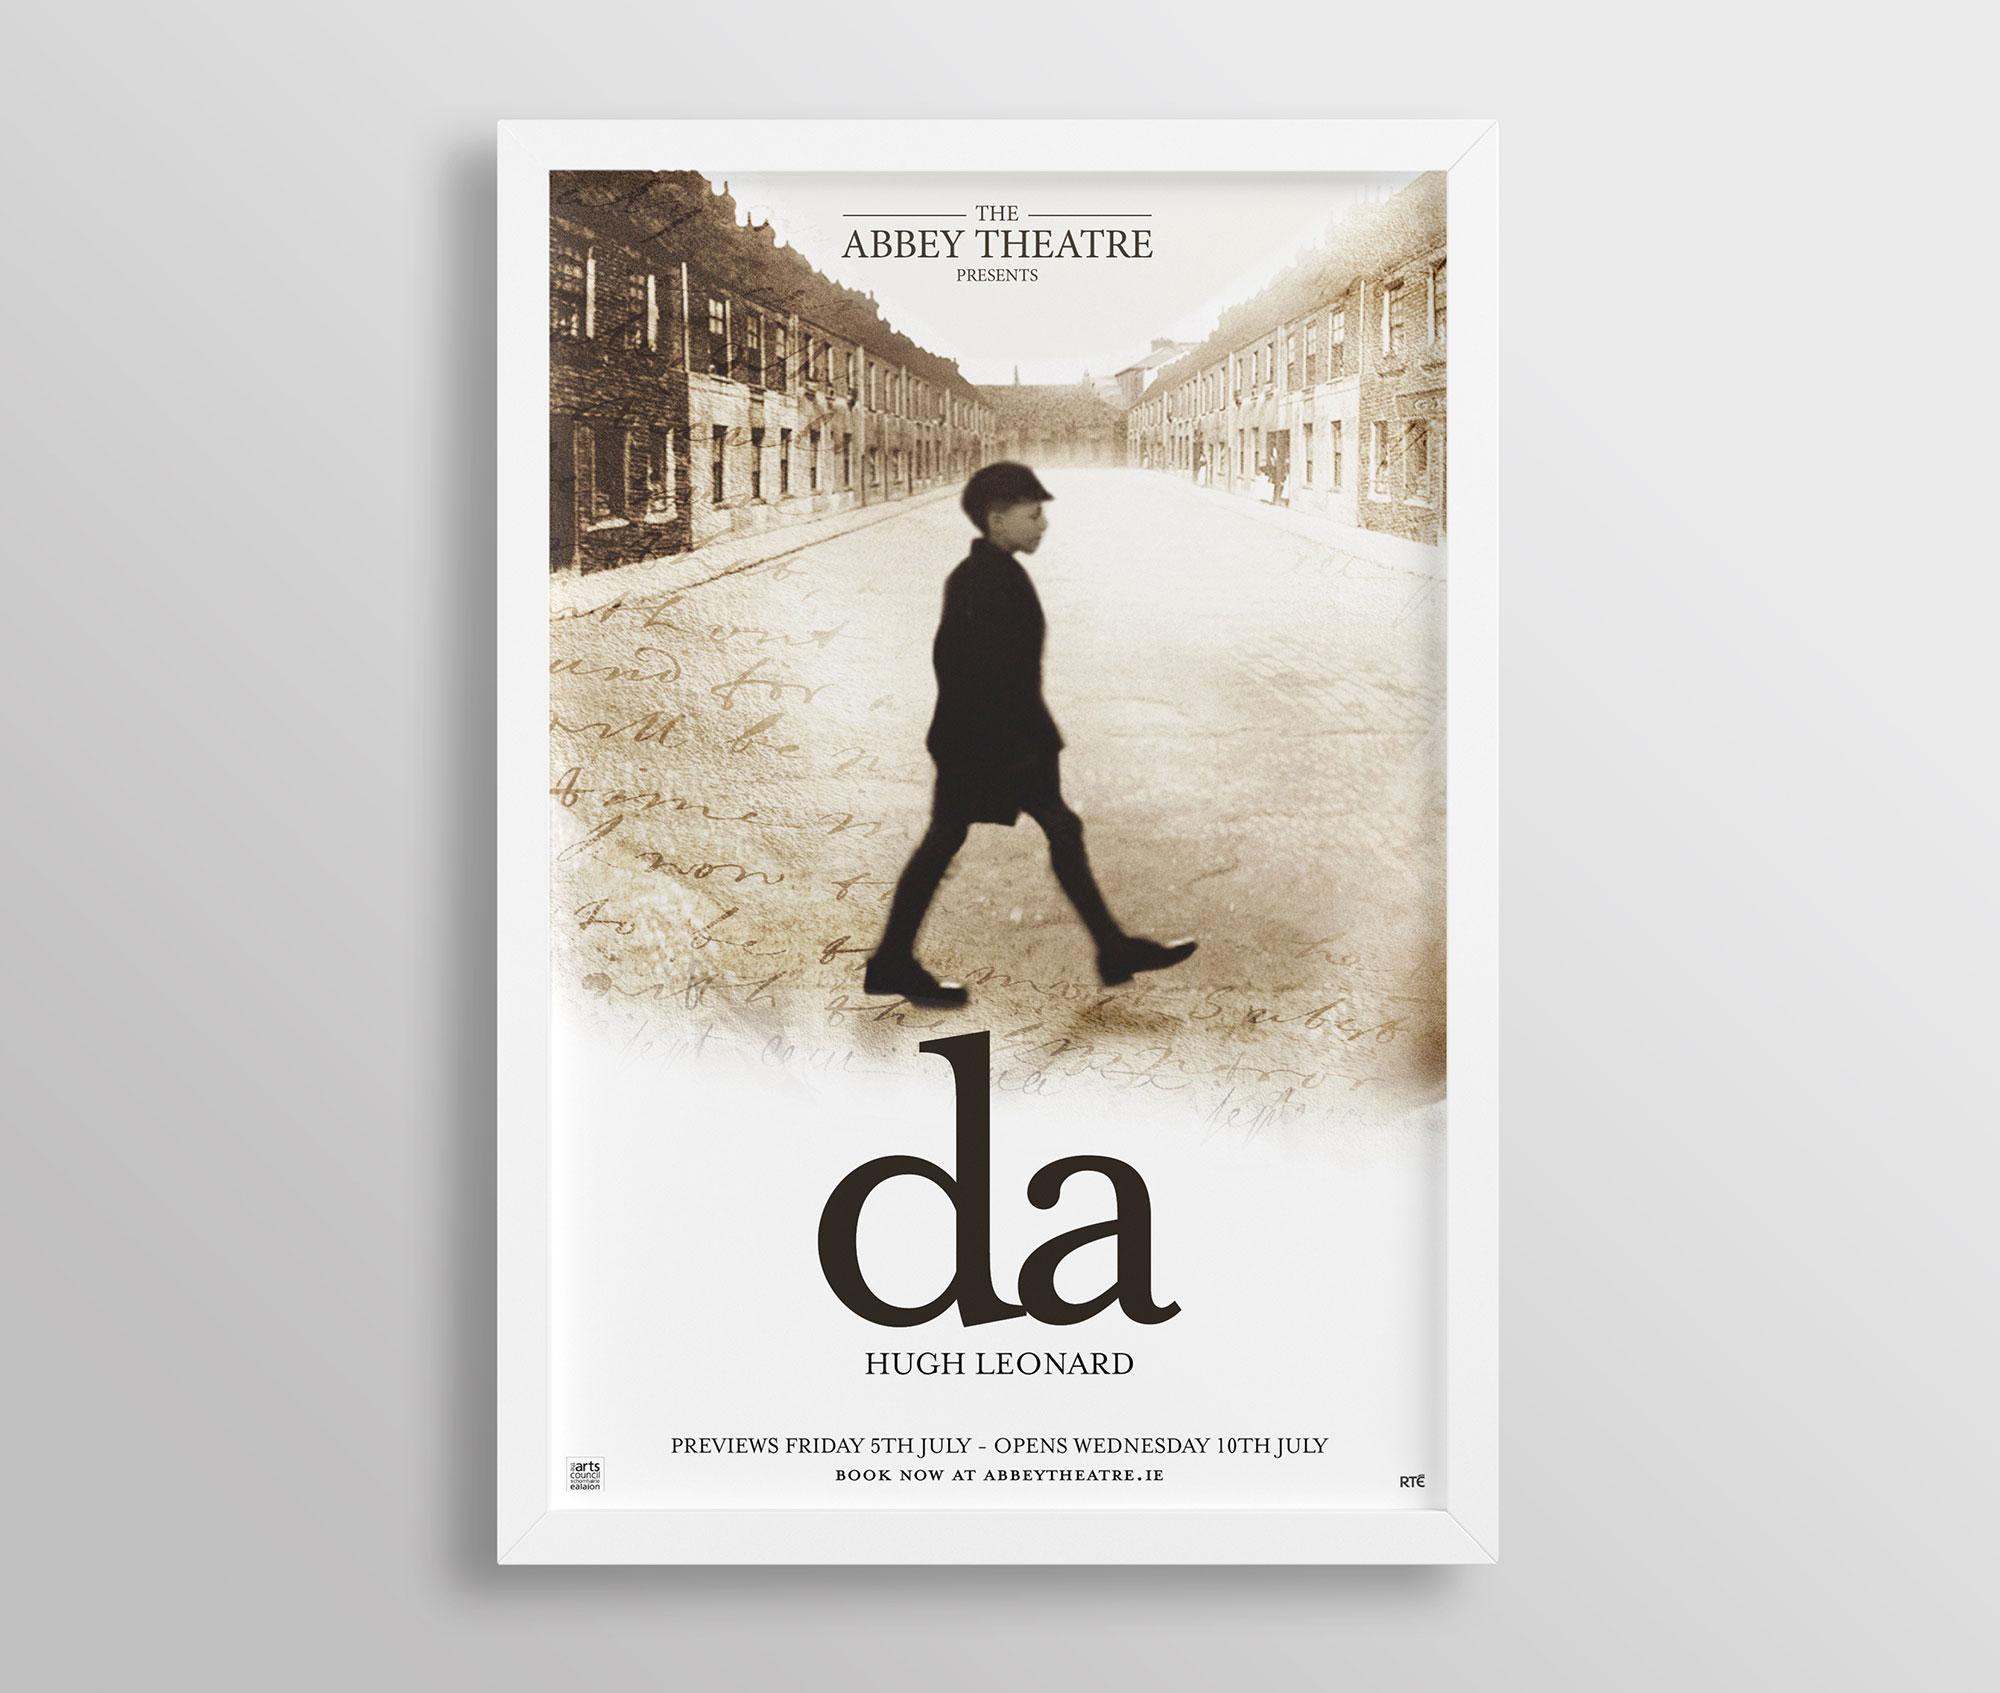 Theatre Poster Design London Dublin 01